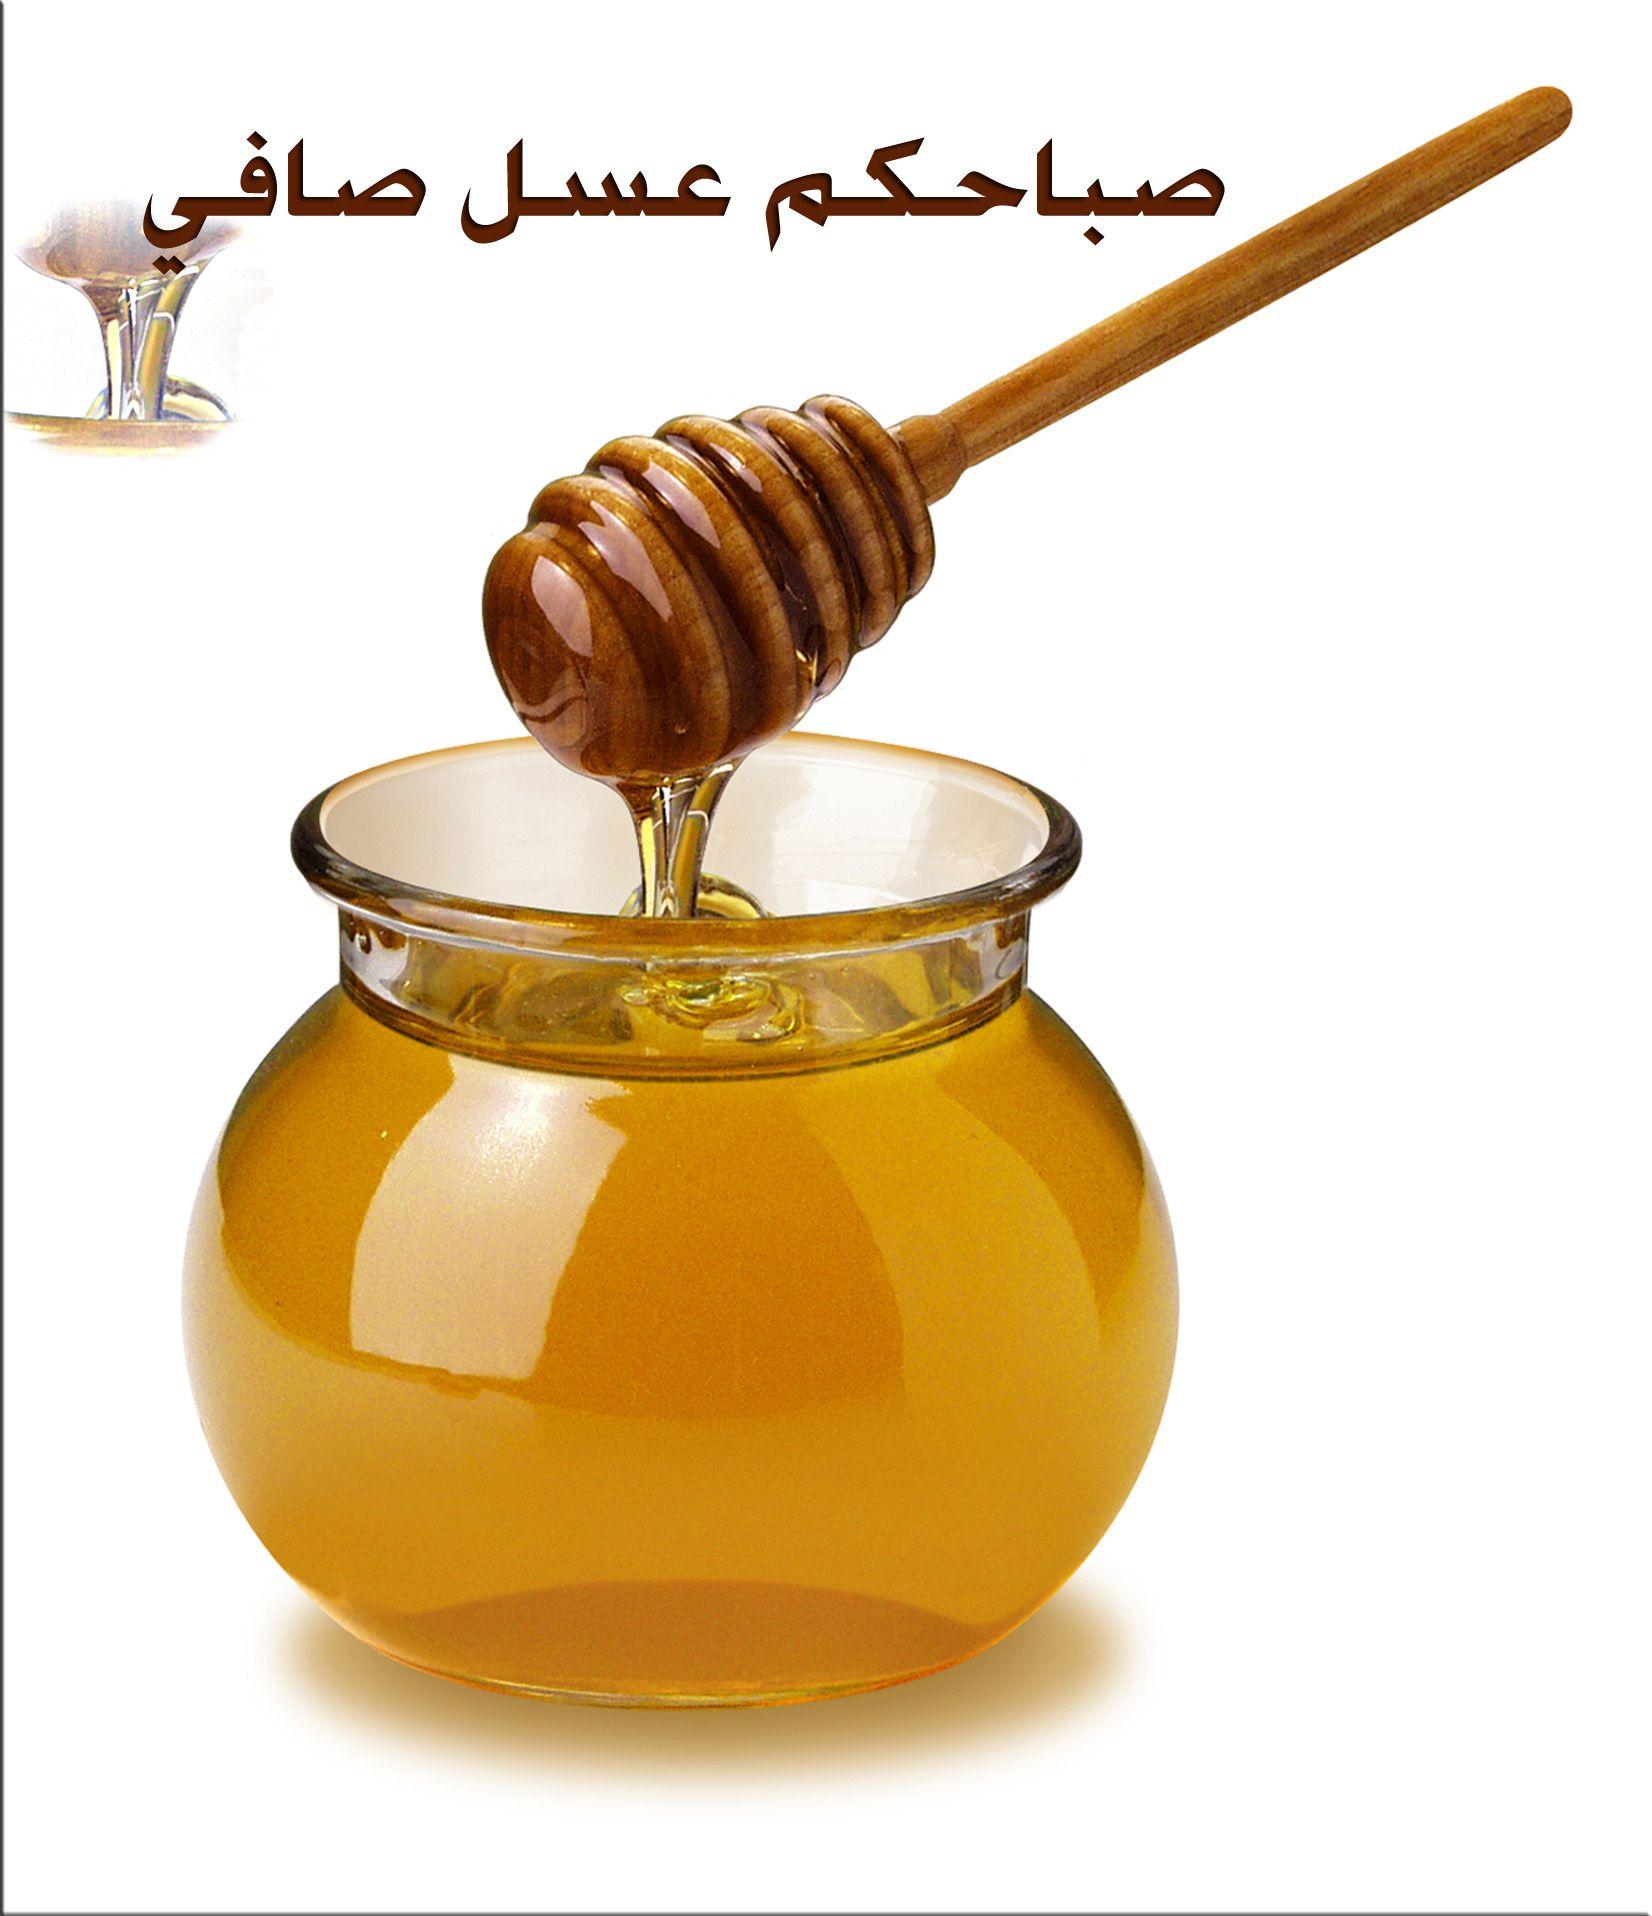 بالصور صباح العسل ياعسل , صور لاحلى صباح العسل 139 6